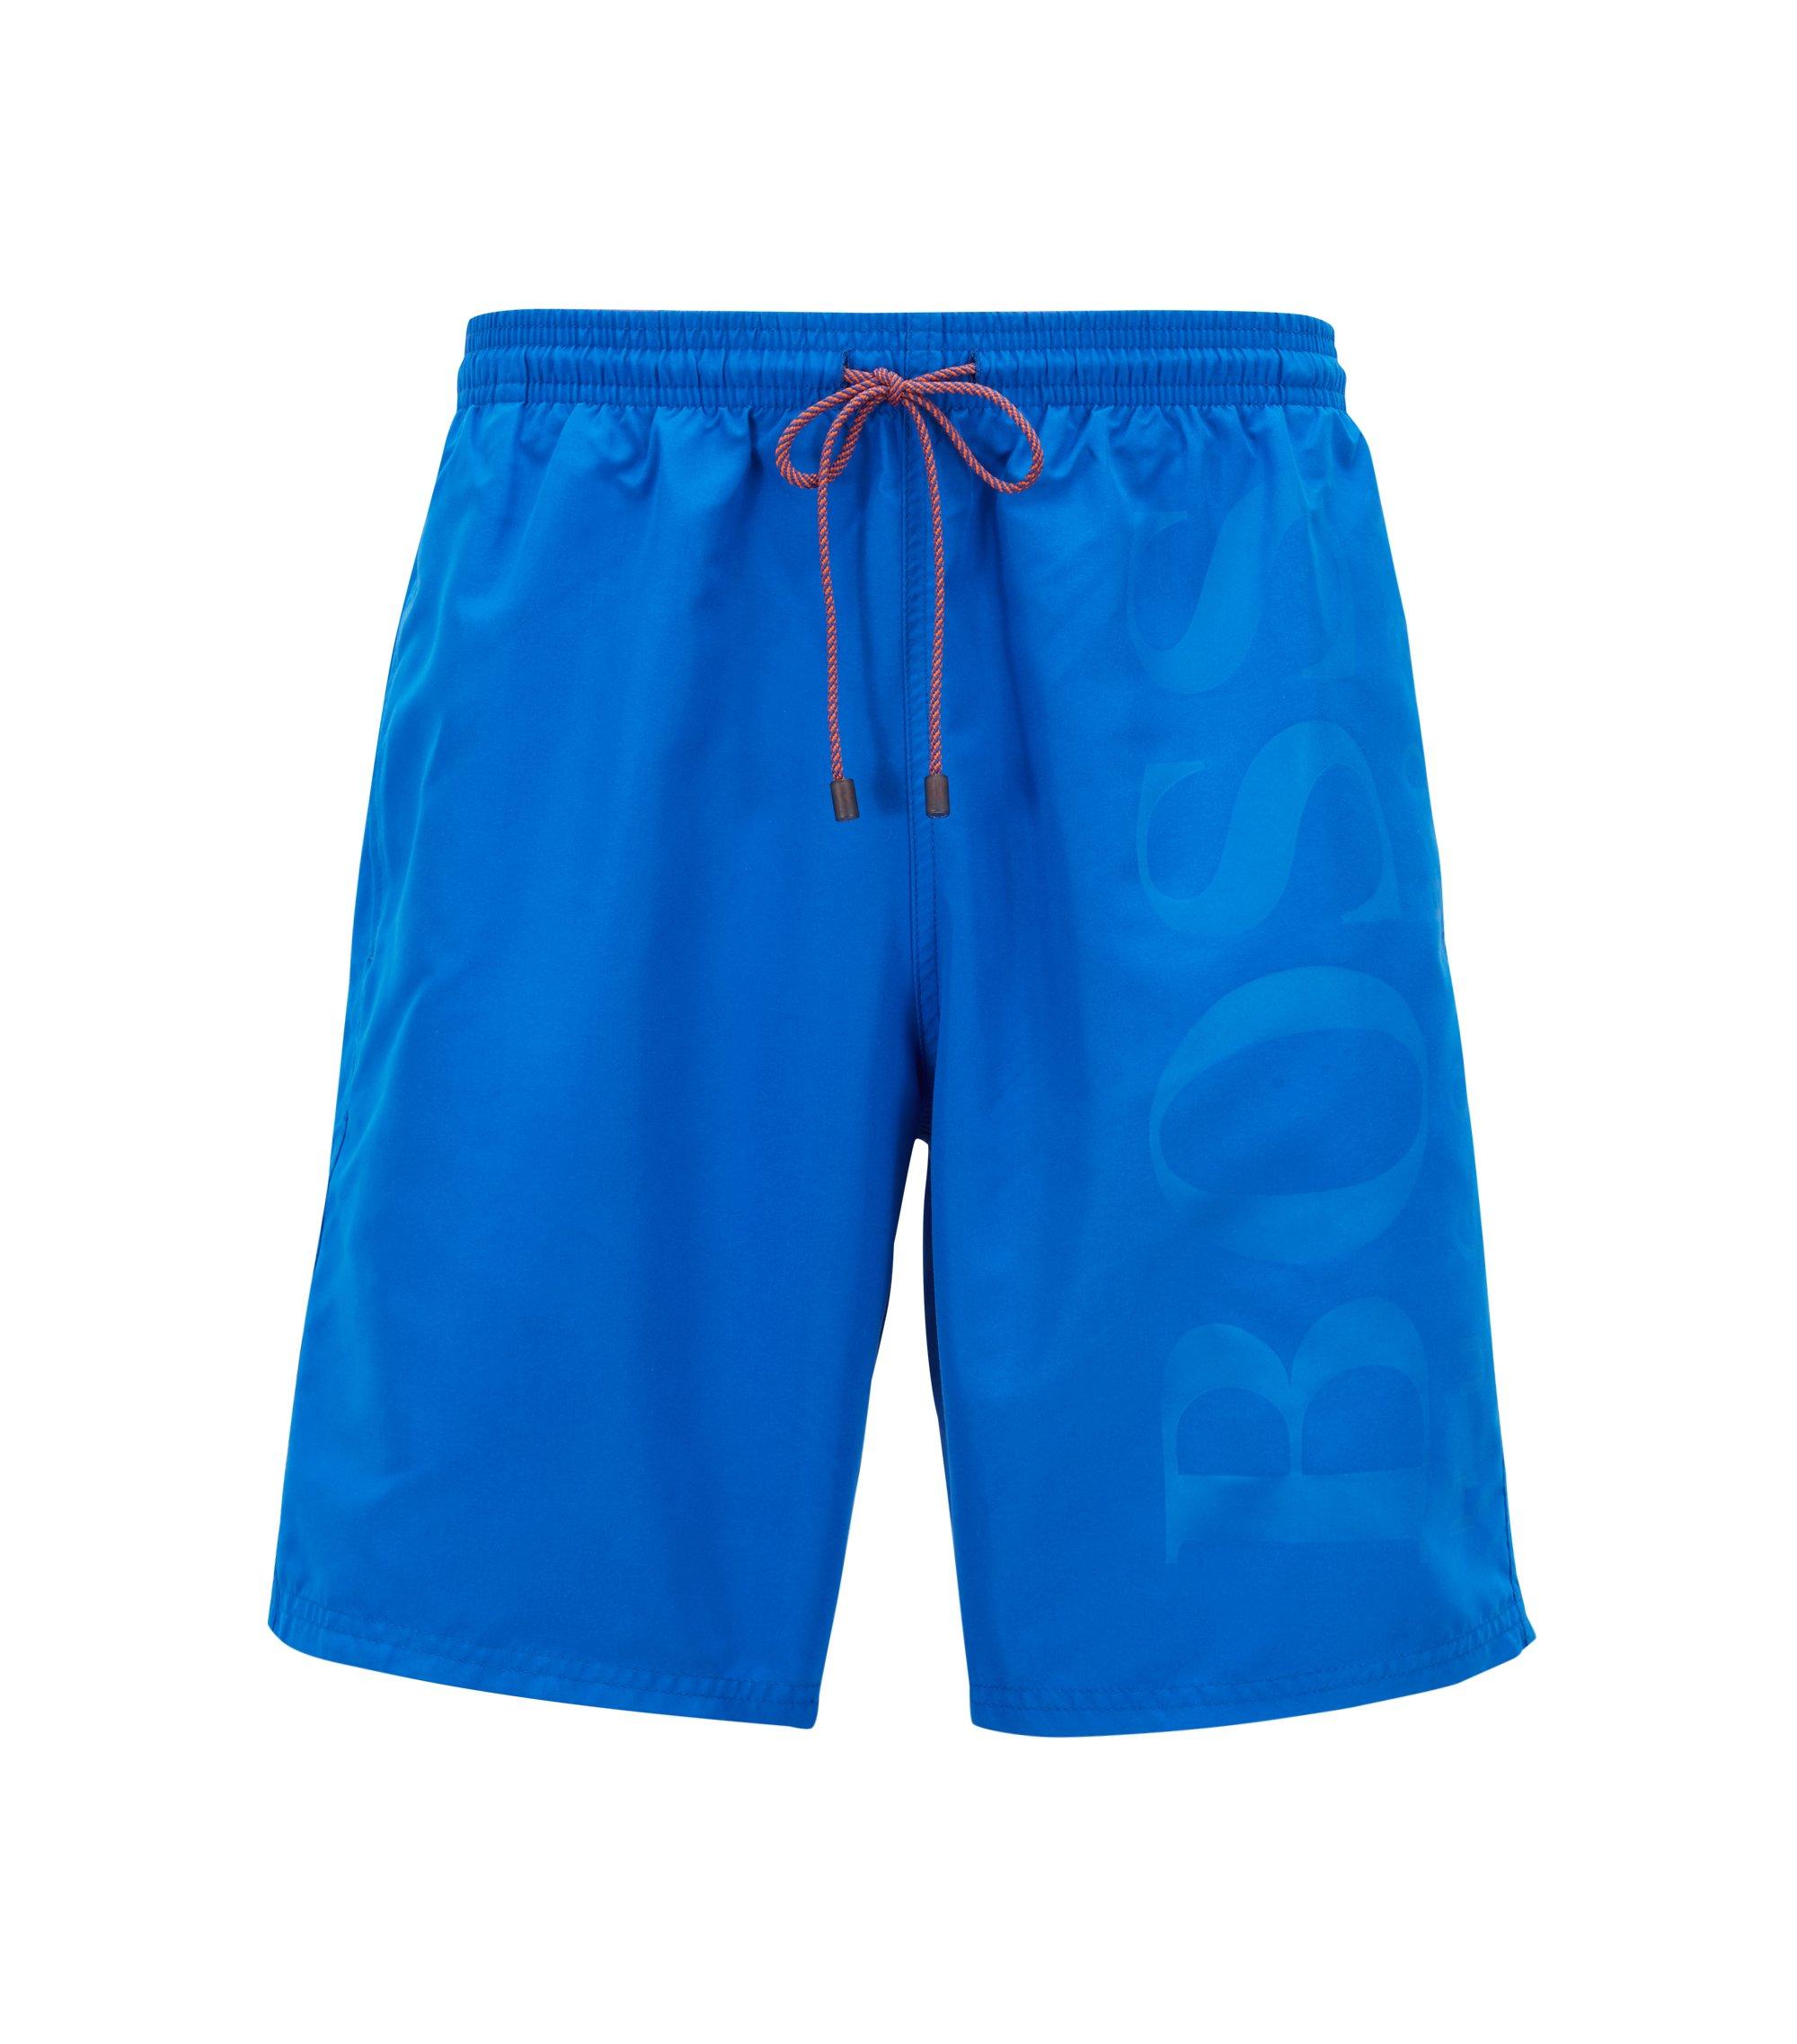 Boxer da bagno in tessuto tecnico spazzolato, Blu